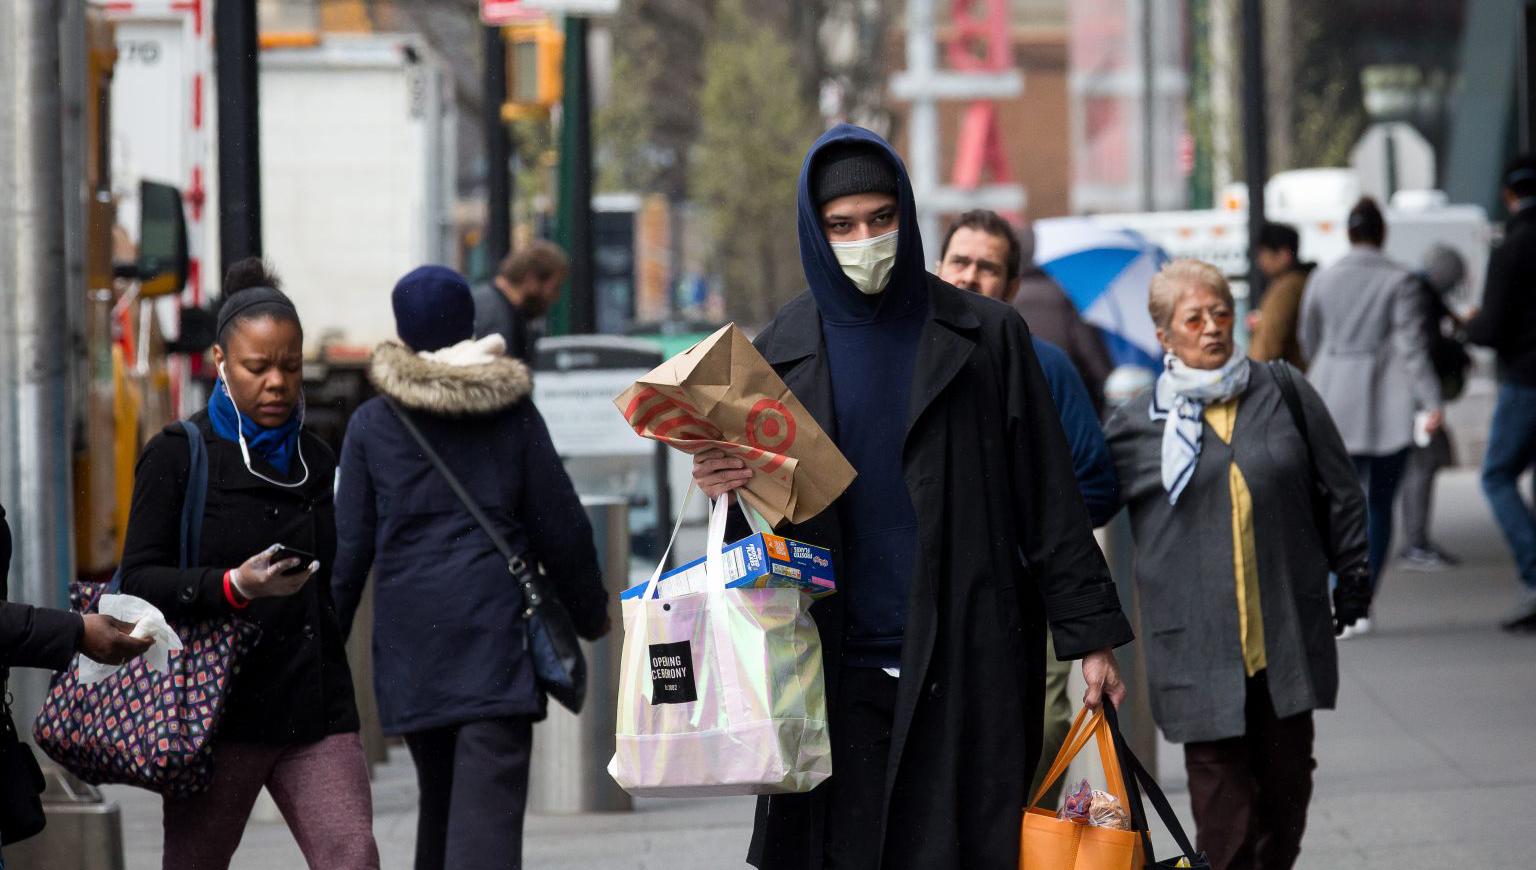 1900 са загинали в Ню Йорк от коронавируса, следващата седмица ще е най-тежка